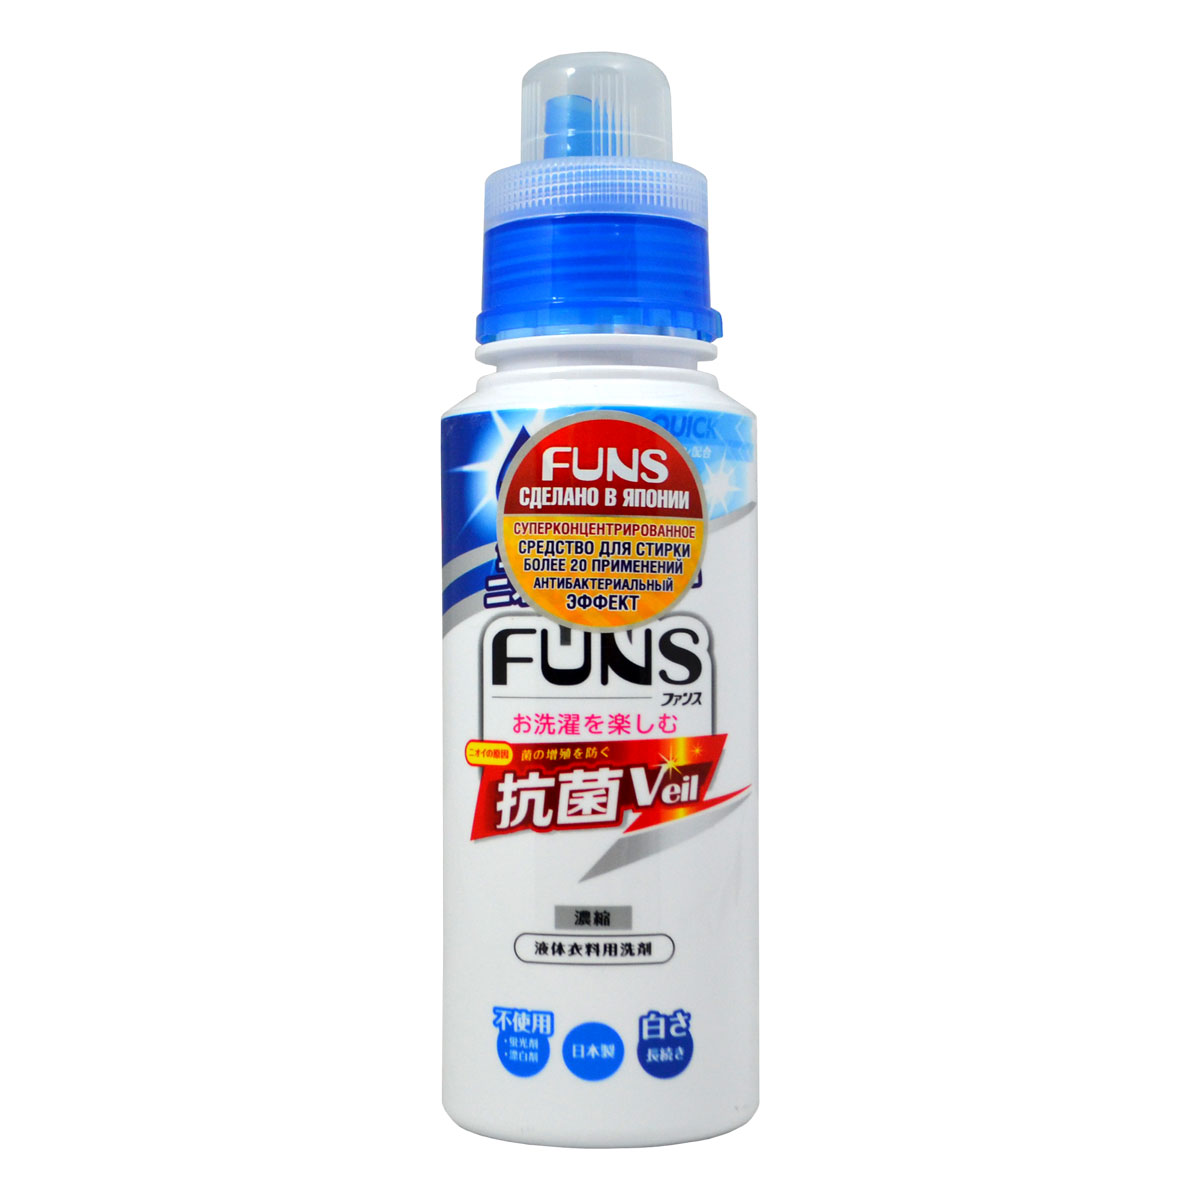 Средство концентрированное для стирки белья Funs, жидкое, 360 г70162Концентрированное жидкое средство Funsпредназначено для стирки белья. Оно работает сразу в нескольких направлениях: надолго сохраняет белизну ваших вещей, эффективно удаляет грязь с воротников и манжетов, а главное, полностью устраняет бактерии, вызывающие неприятный запах.После стирки полностью вымывается с одежды, за счет чего является гипоаллергенным средством.Создан без использования флуоресцентного отбеливателя, благодаря чему подходит для не отбеливаемых и светлых хлопковых вещей.Придаст вещам аромат свежести, который останется в течение нескольких дней после стирки.Способ применения: для удобства пользуйтесь мерным колпачком бутылки.Перед применением сверьтесь с биркой на одежде, убедитесь, что средство подходит для ваших вещей. Растворите средство в воде, или залейте в стиральную машину. Поместите бельё в раствор и начните стирку.Не рекомендуется наносить средство непосредственно на одежду.После стирки бельё тщательно прополоскать.